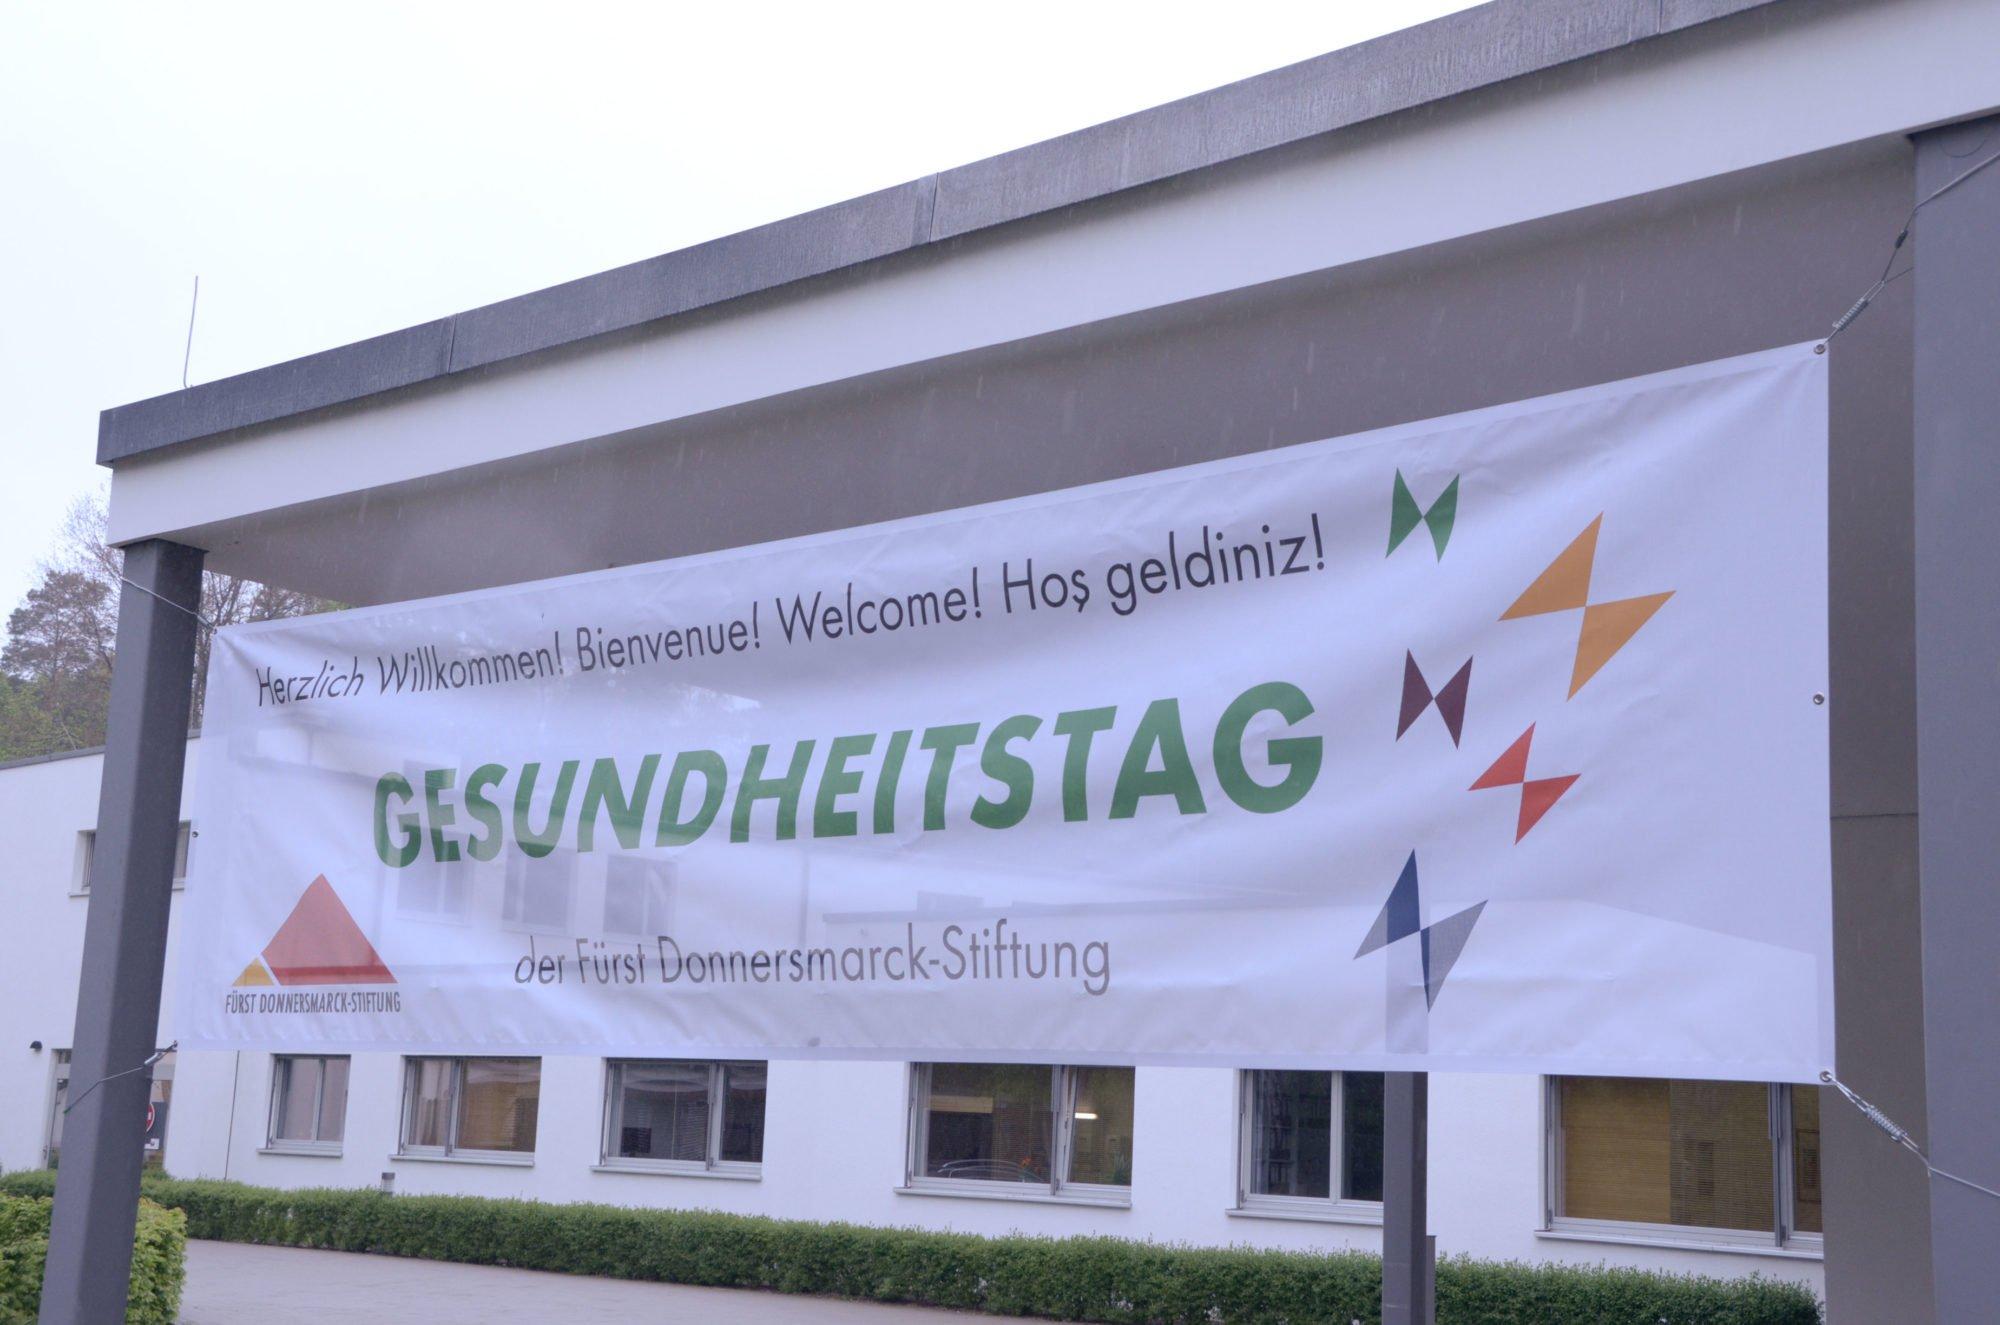 Zu sehen ist das Banner des Gesundheitstages, das vor dem P.A.N. Zentrum hängt. Es hat die Aufschrift Herzlich Willkommen! Gesundheitstag der Fürst Donnersmarck-Stiftung